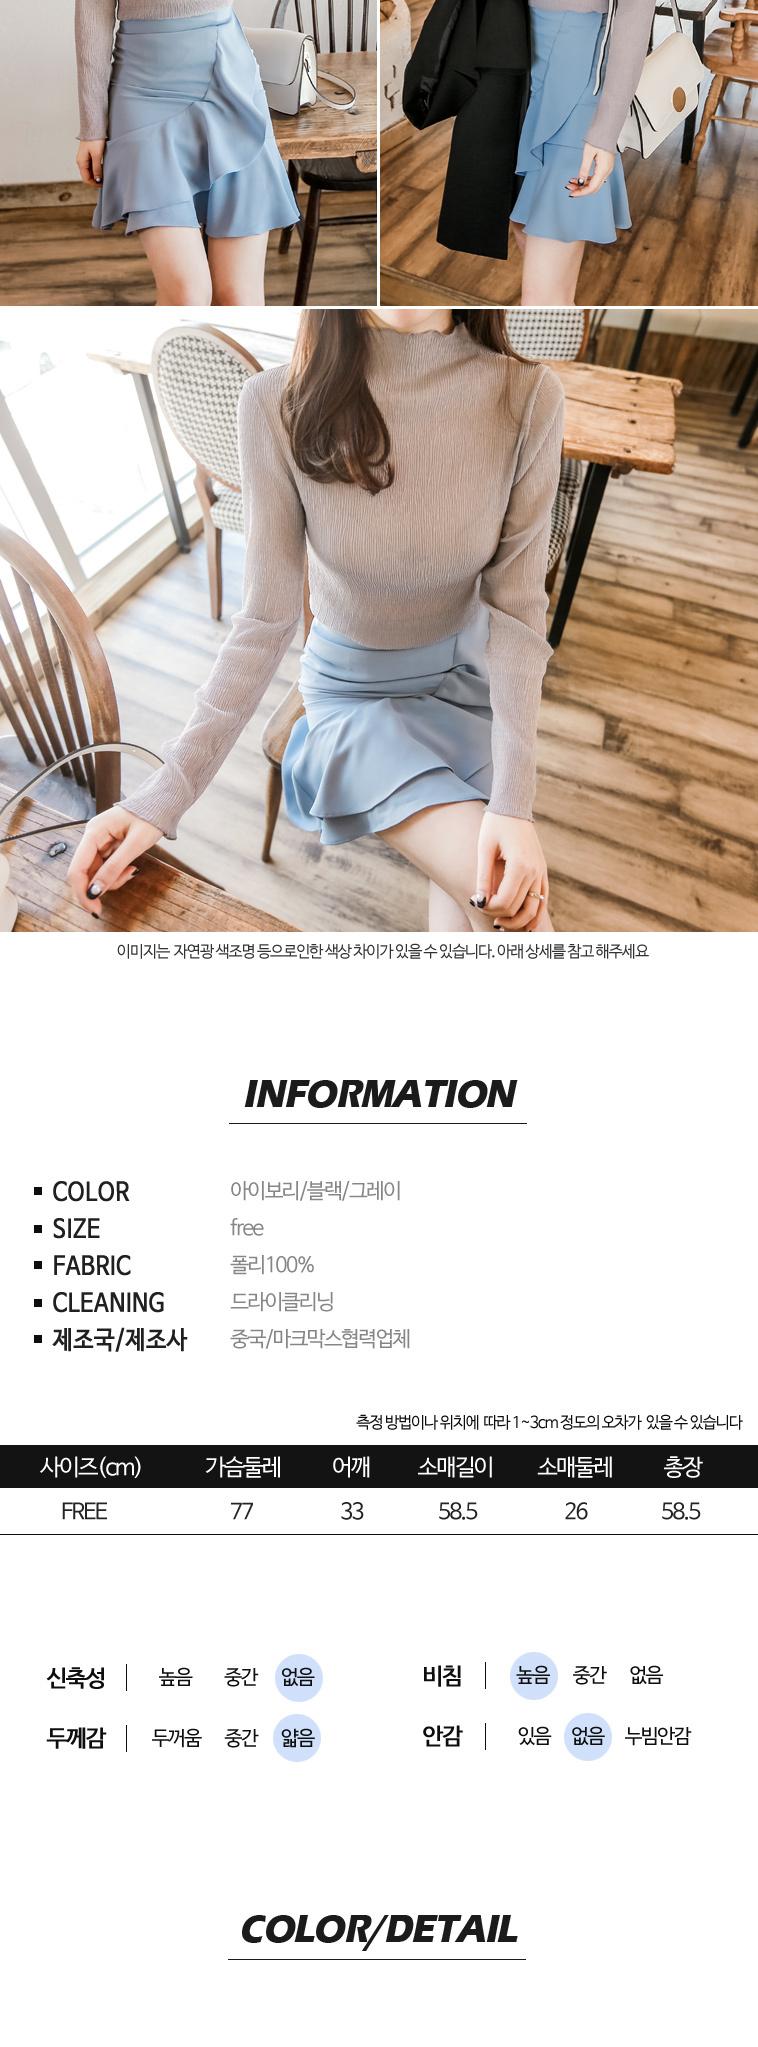 [무료배송] 자켓/블라우스/스커트 - 상세정보